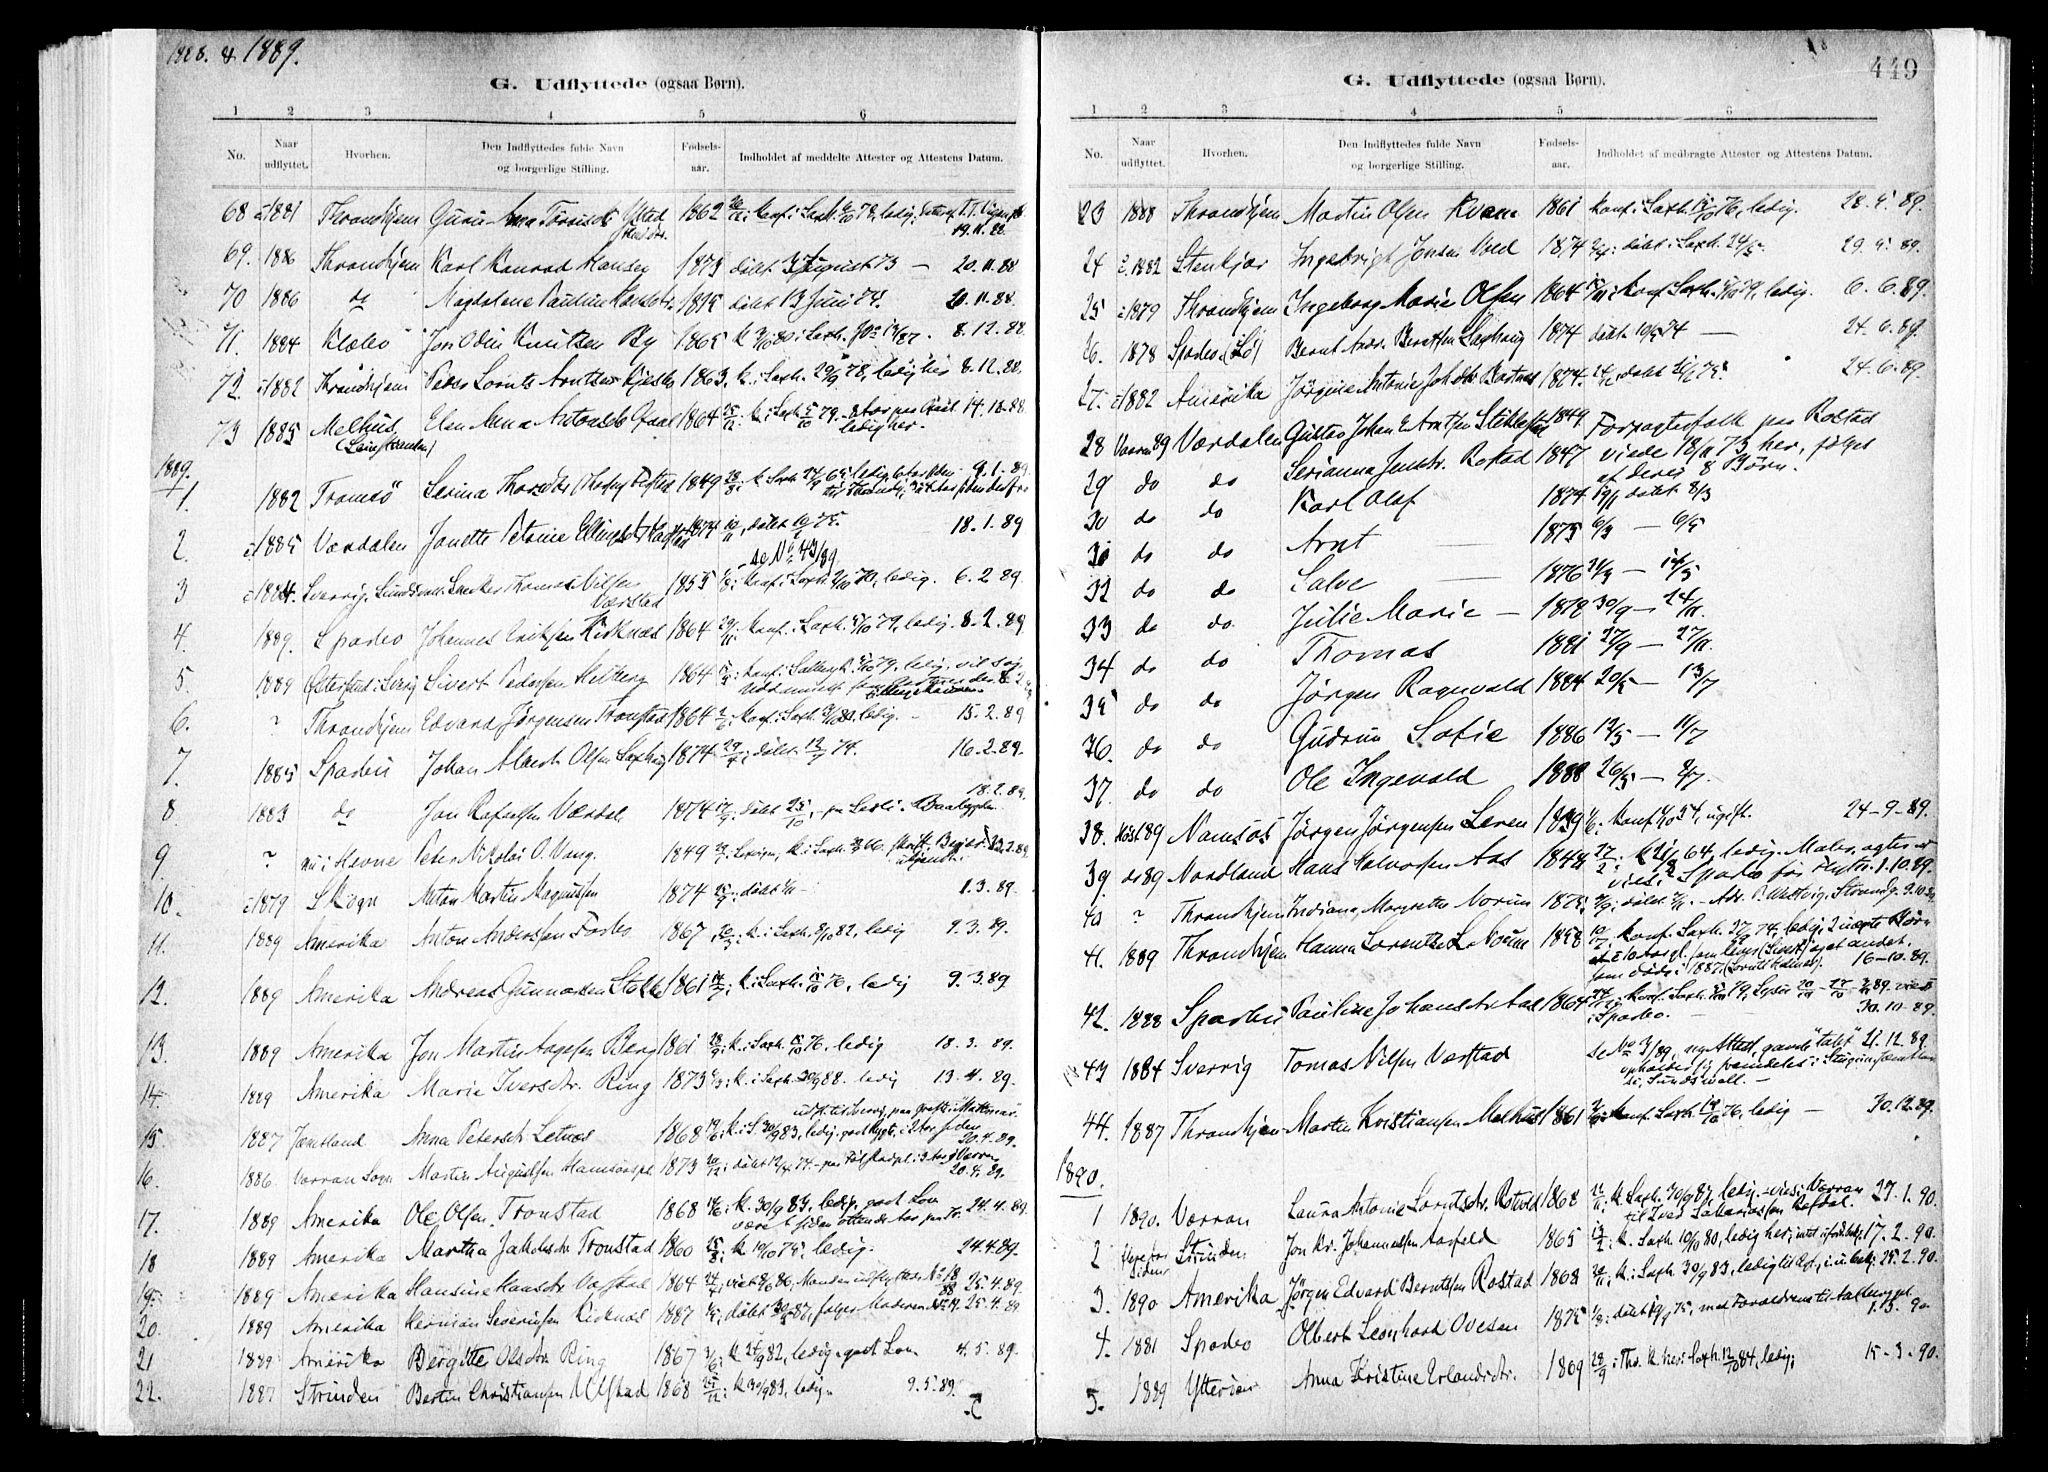 SAT, Ministerialprotokoller, klokkerbøker og fødselsregistre - Nord-Trøndelag, 730/L0285: Ministerialbok nr. 730A10, 1879-1914, s. 449